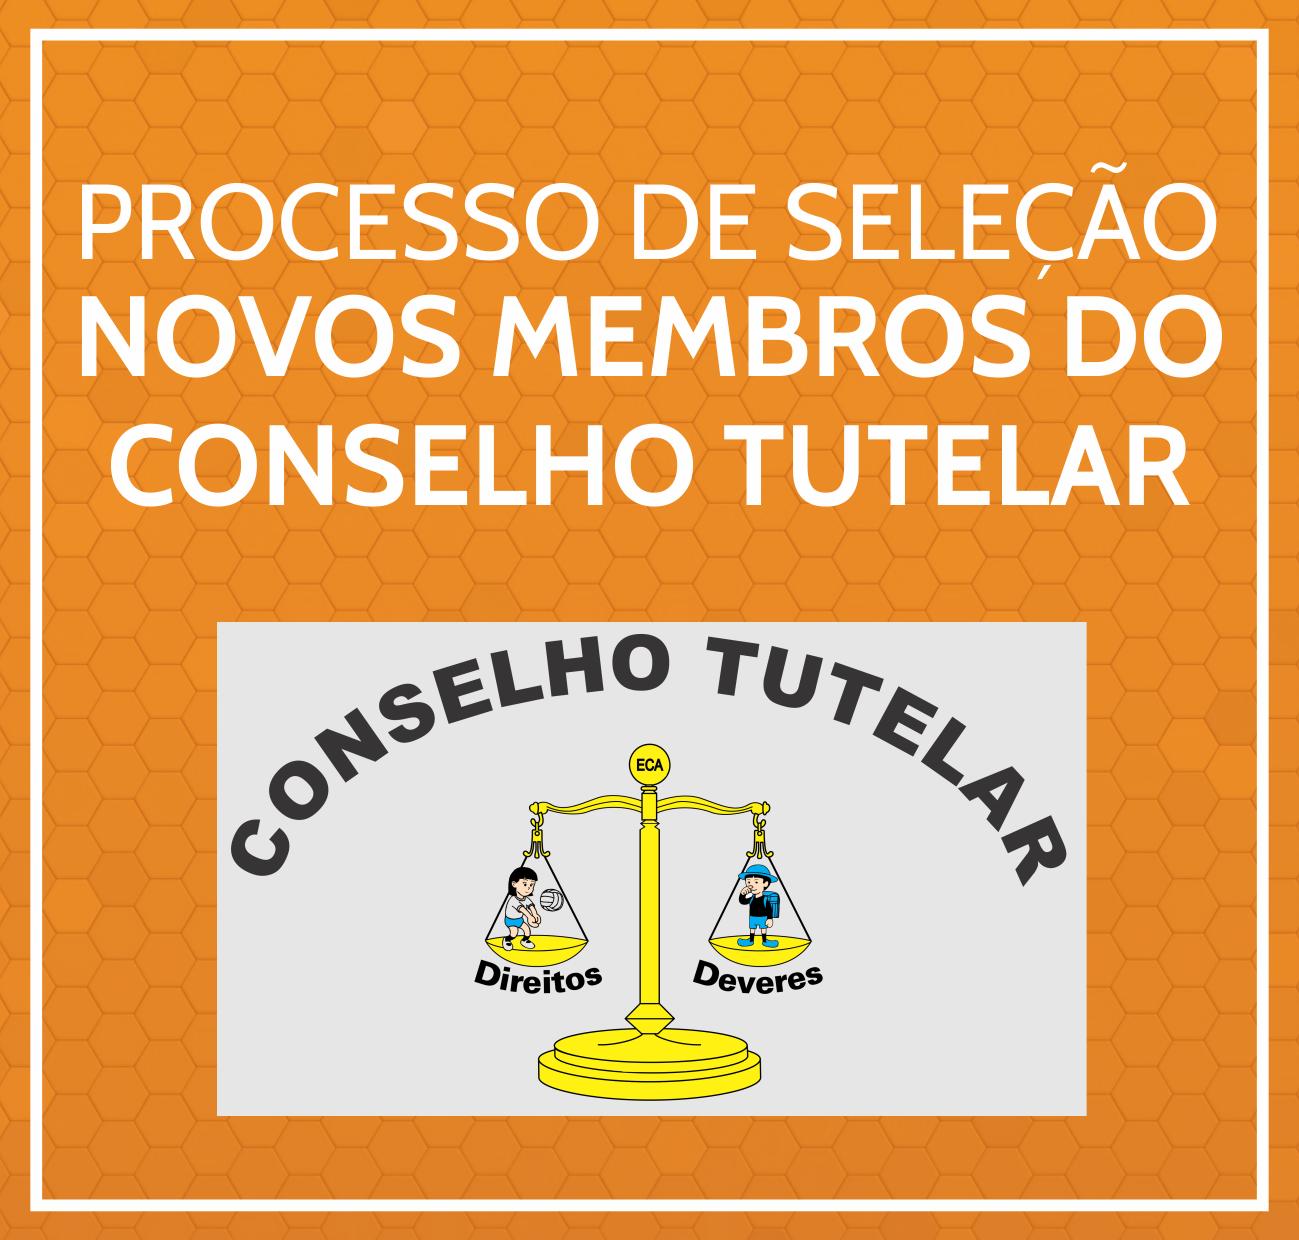 PROCESSO DE SELEÇÃO - NOVOS MEMBROS DO CONSELHO TUTELAR